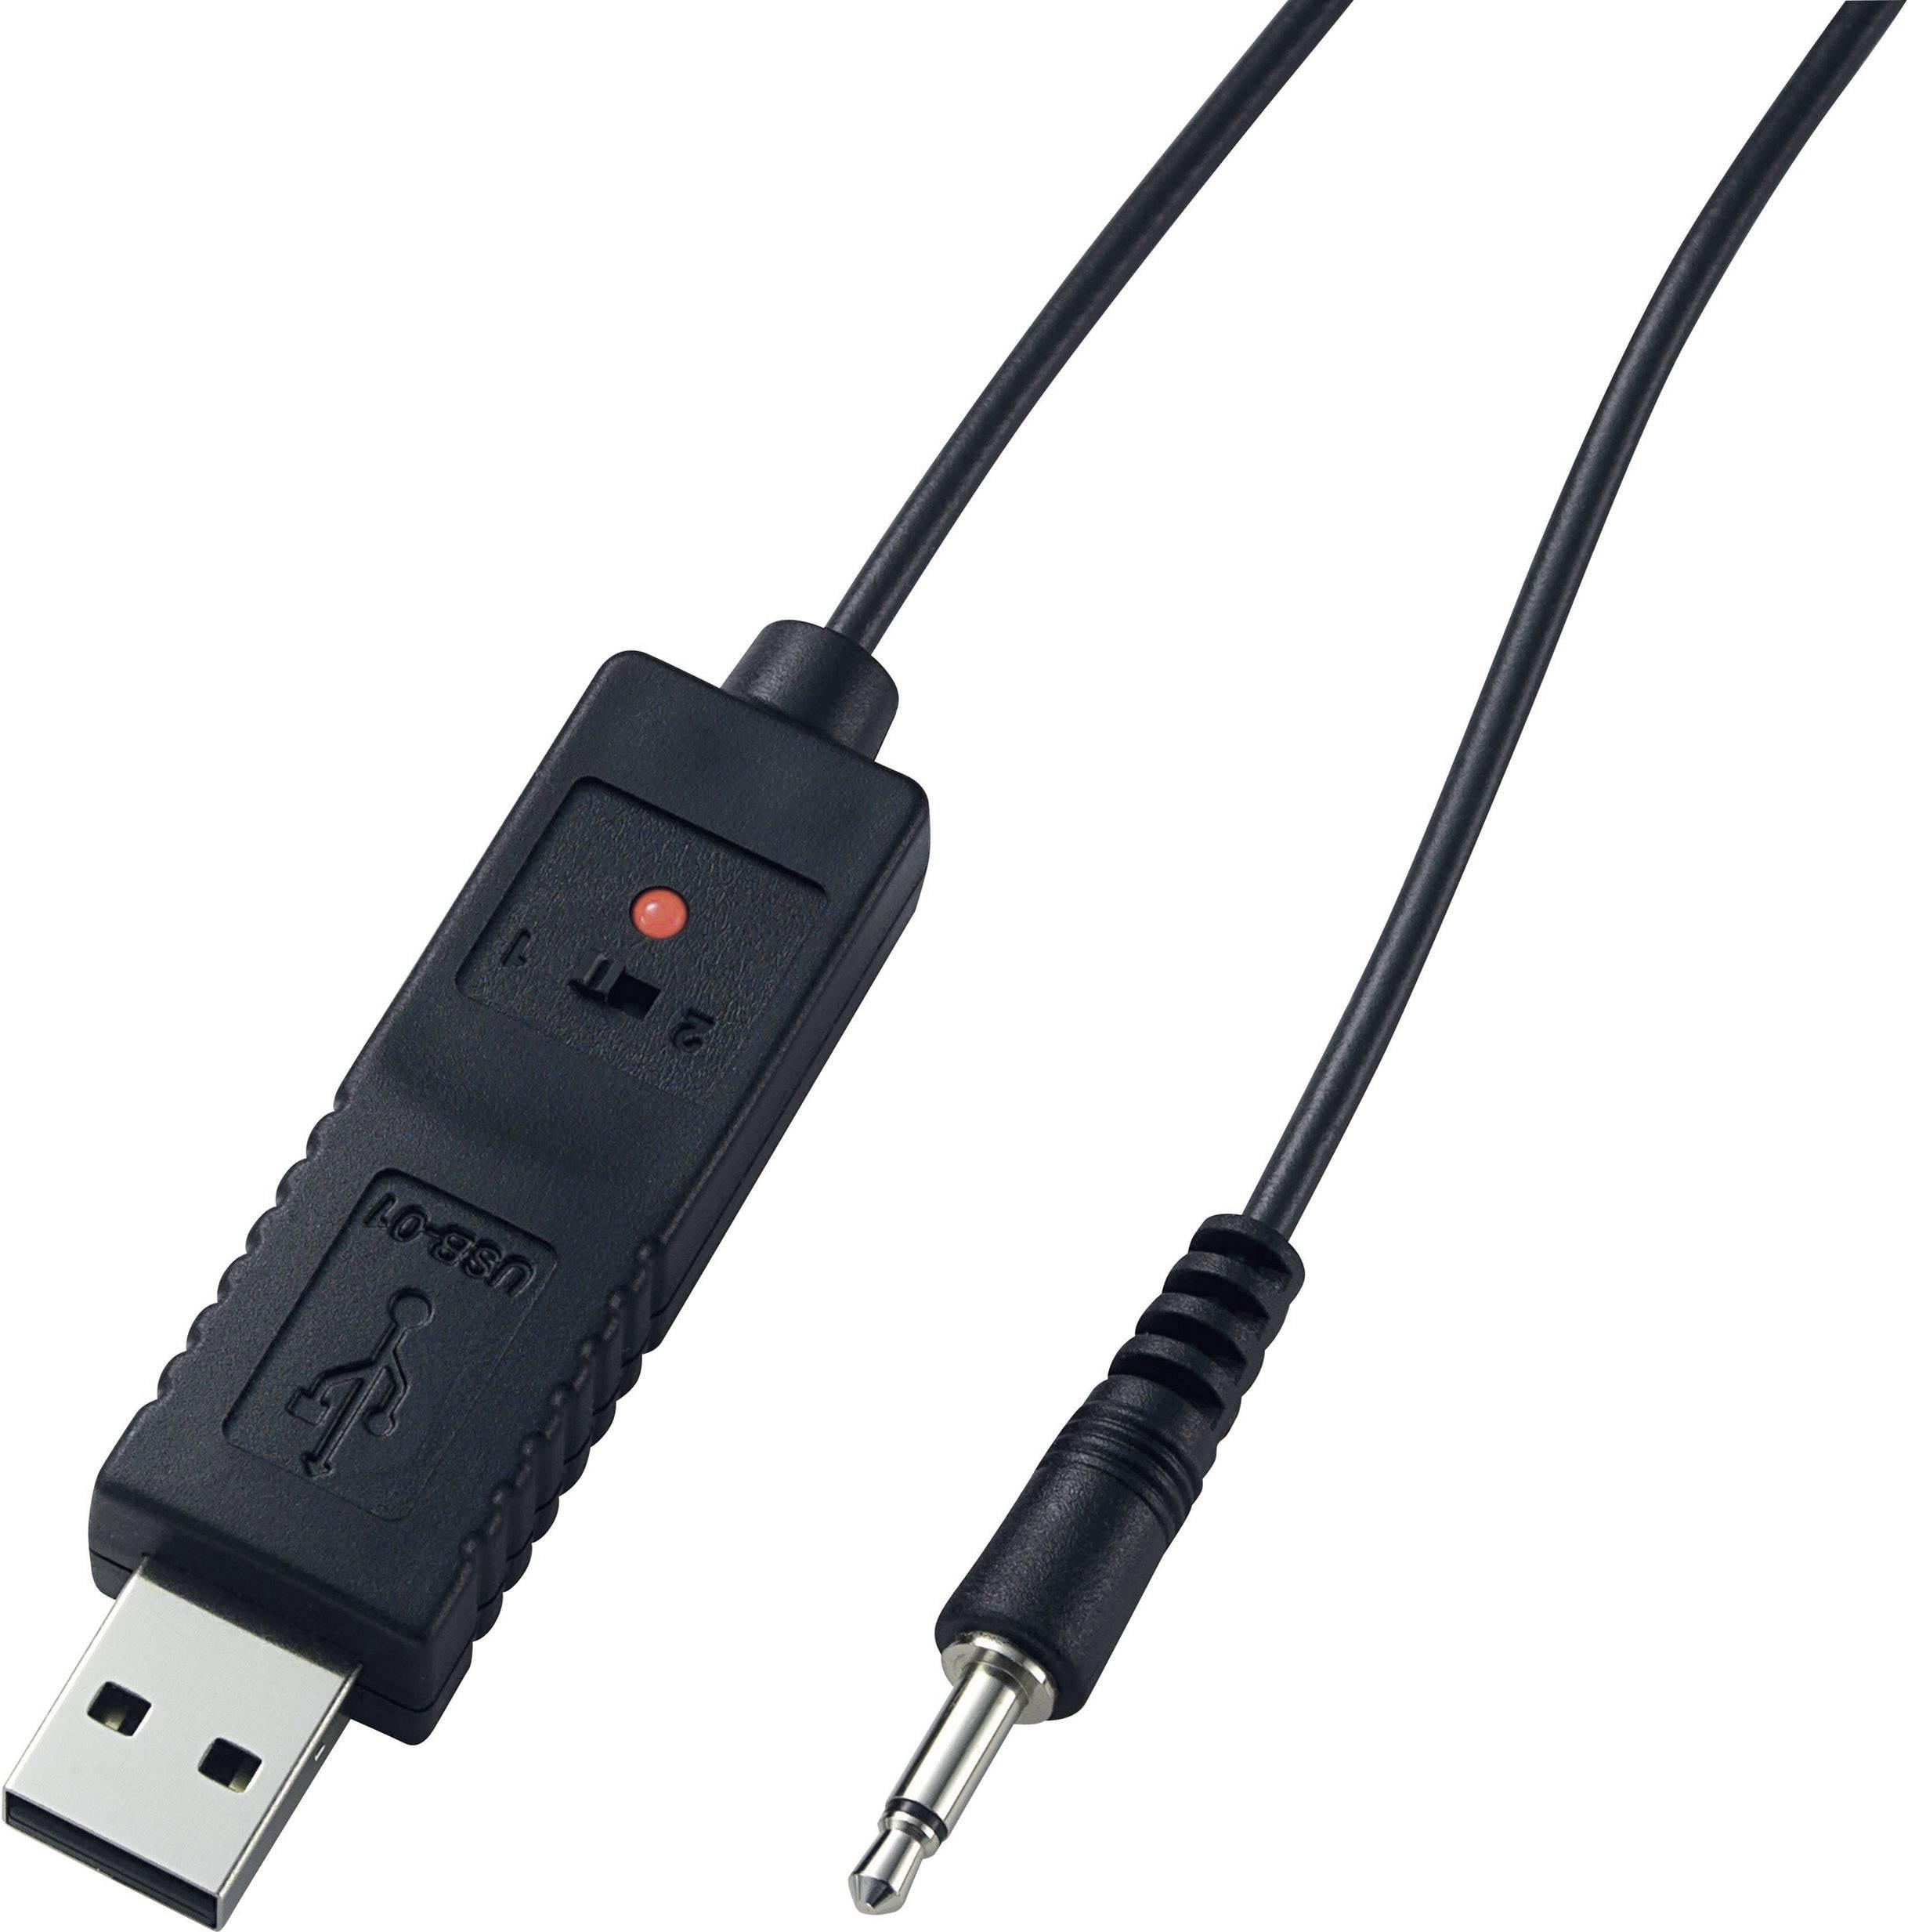 USB propojovací kabel Voltcraft, 122703